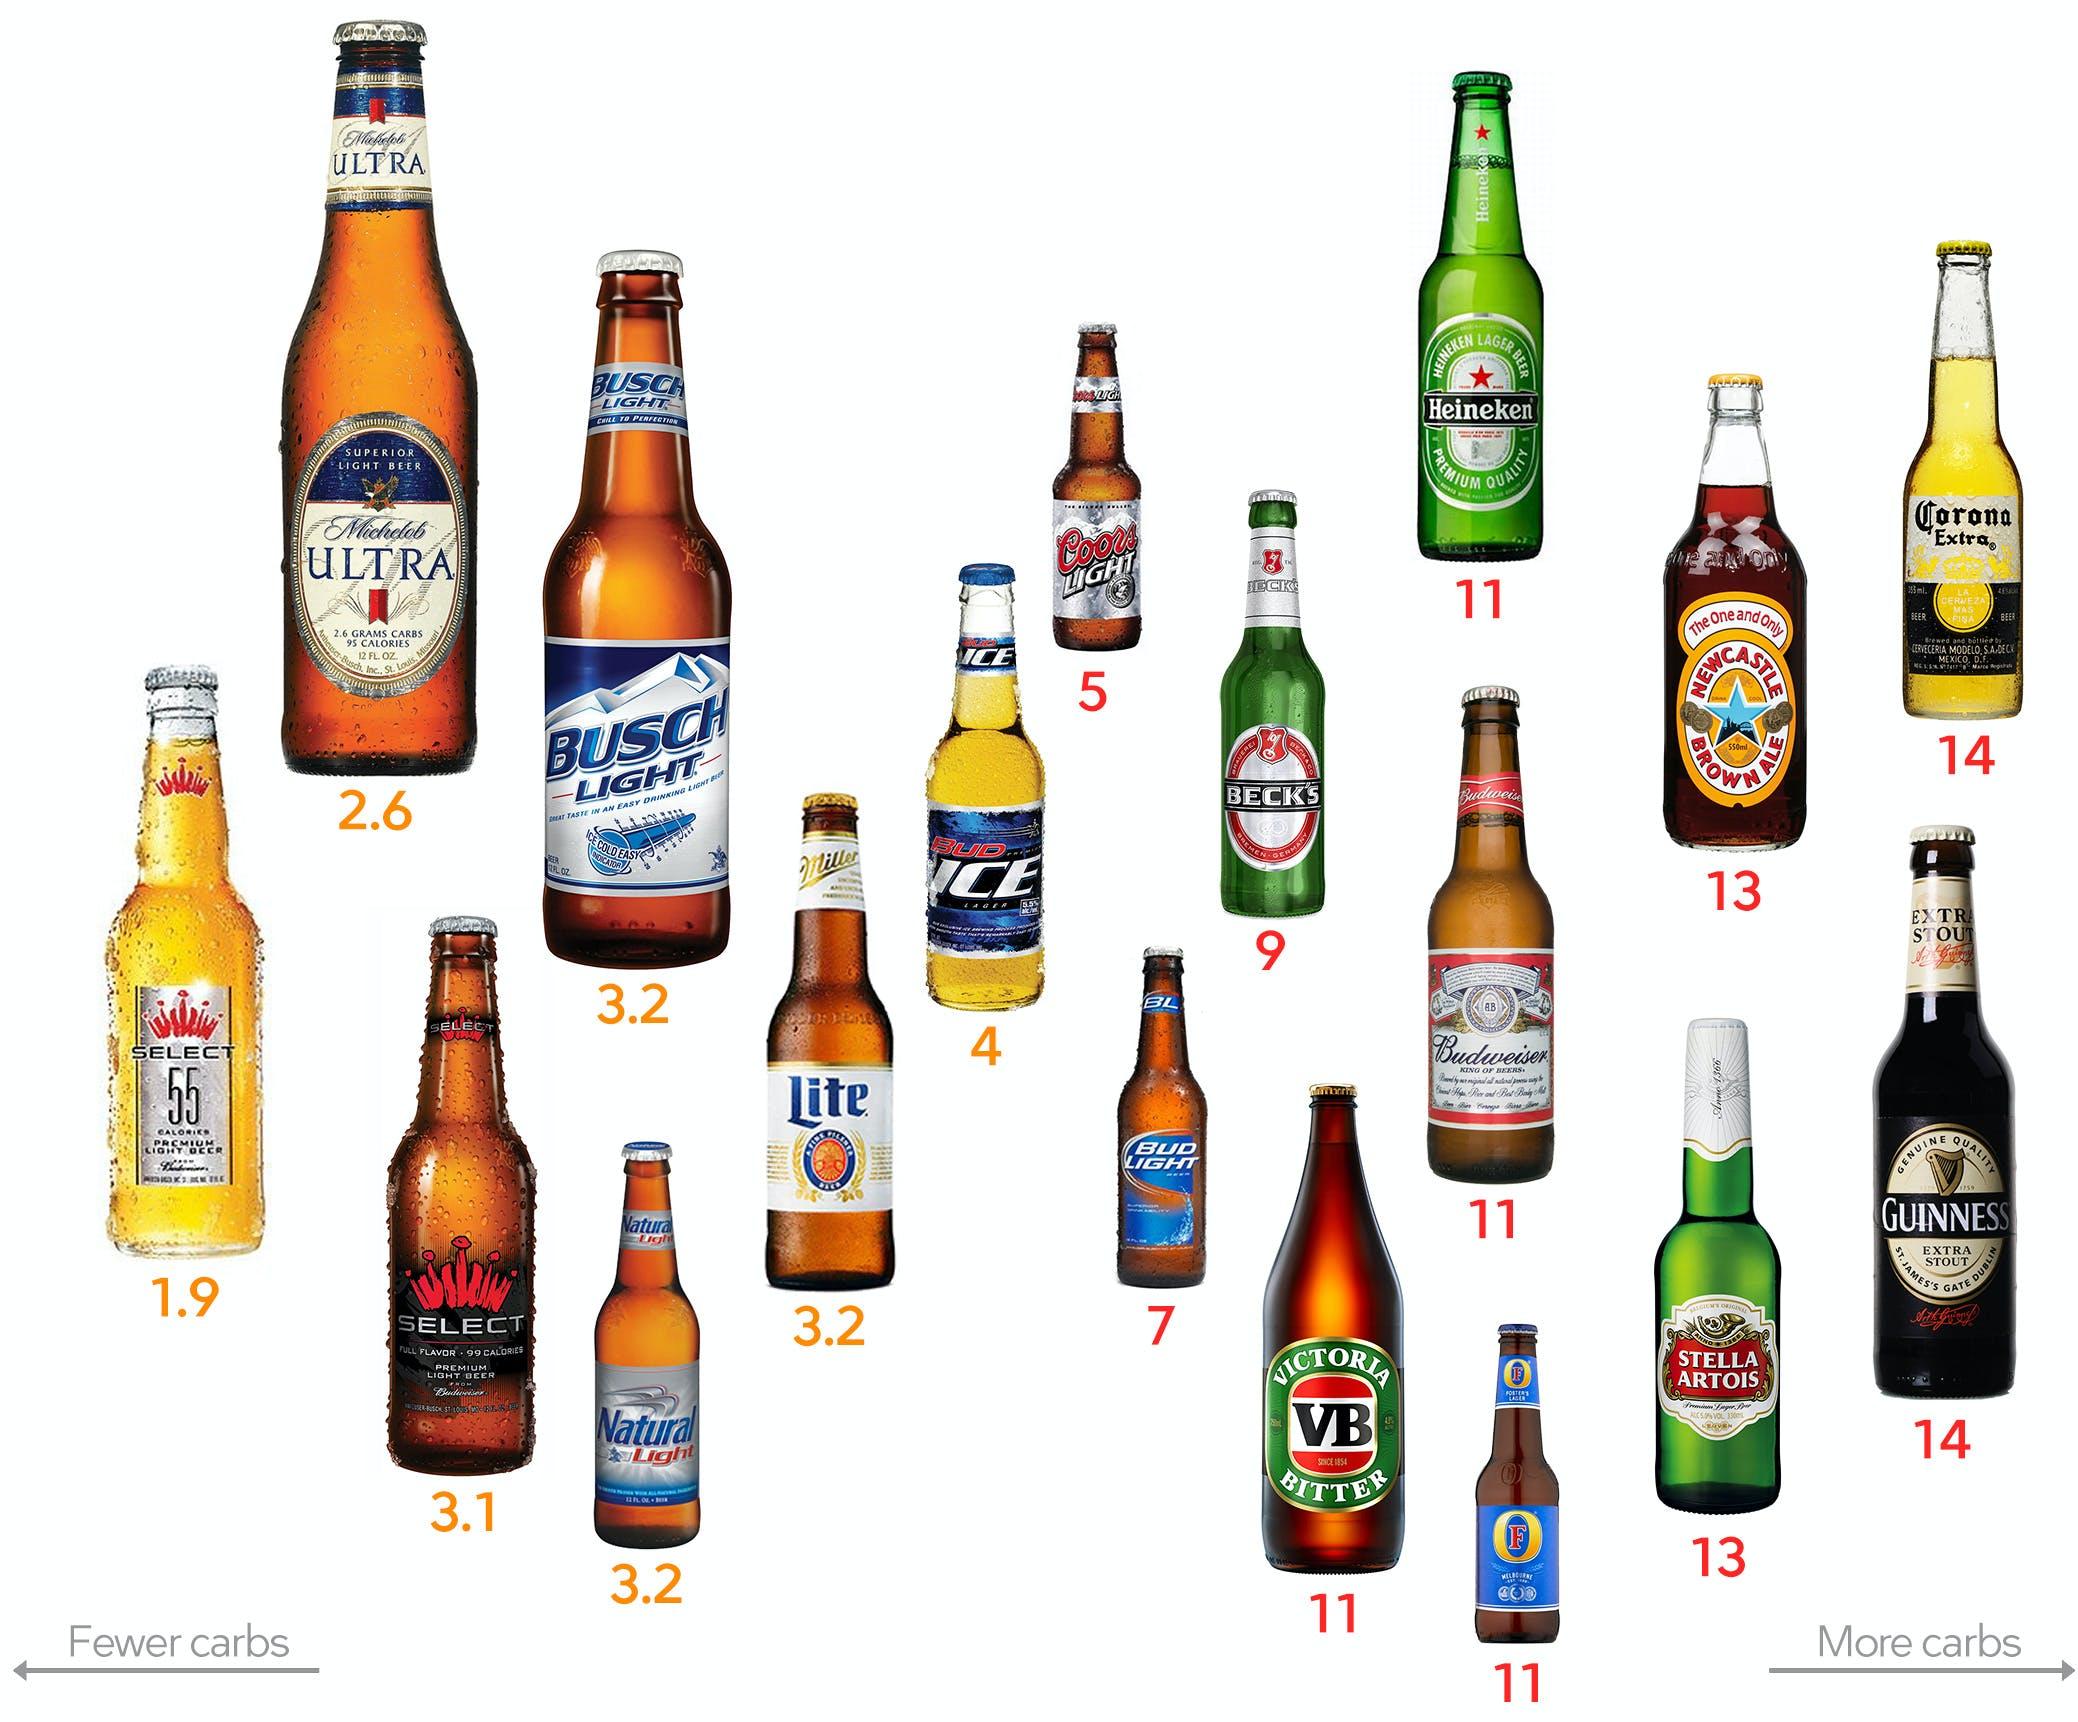 Keto beers